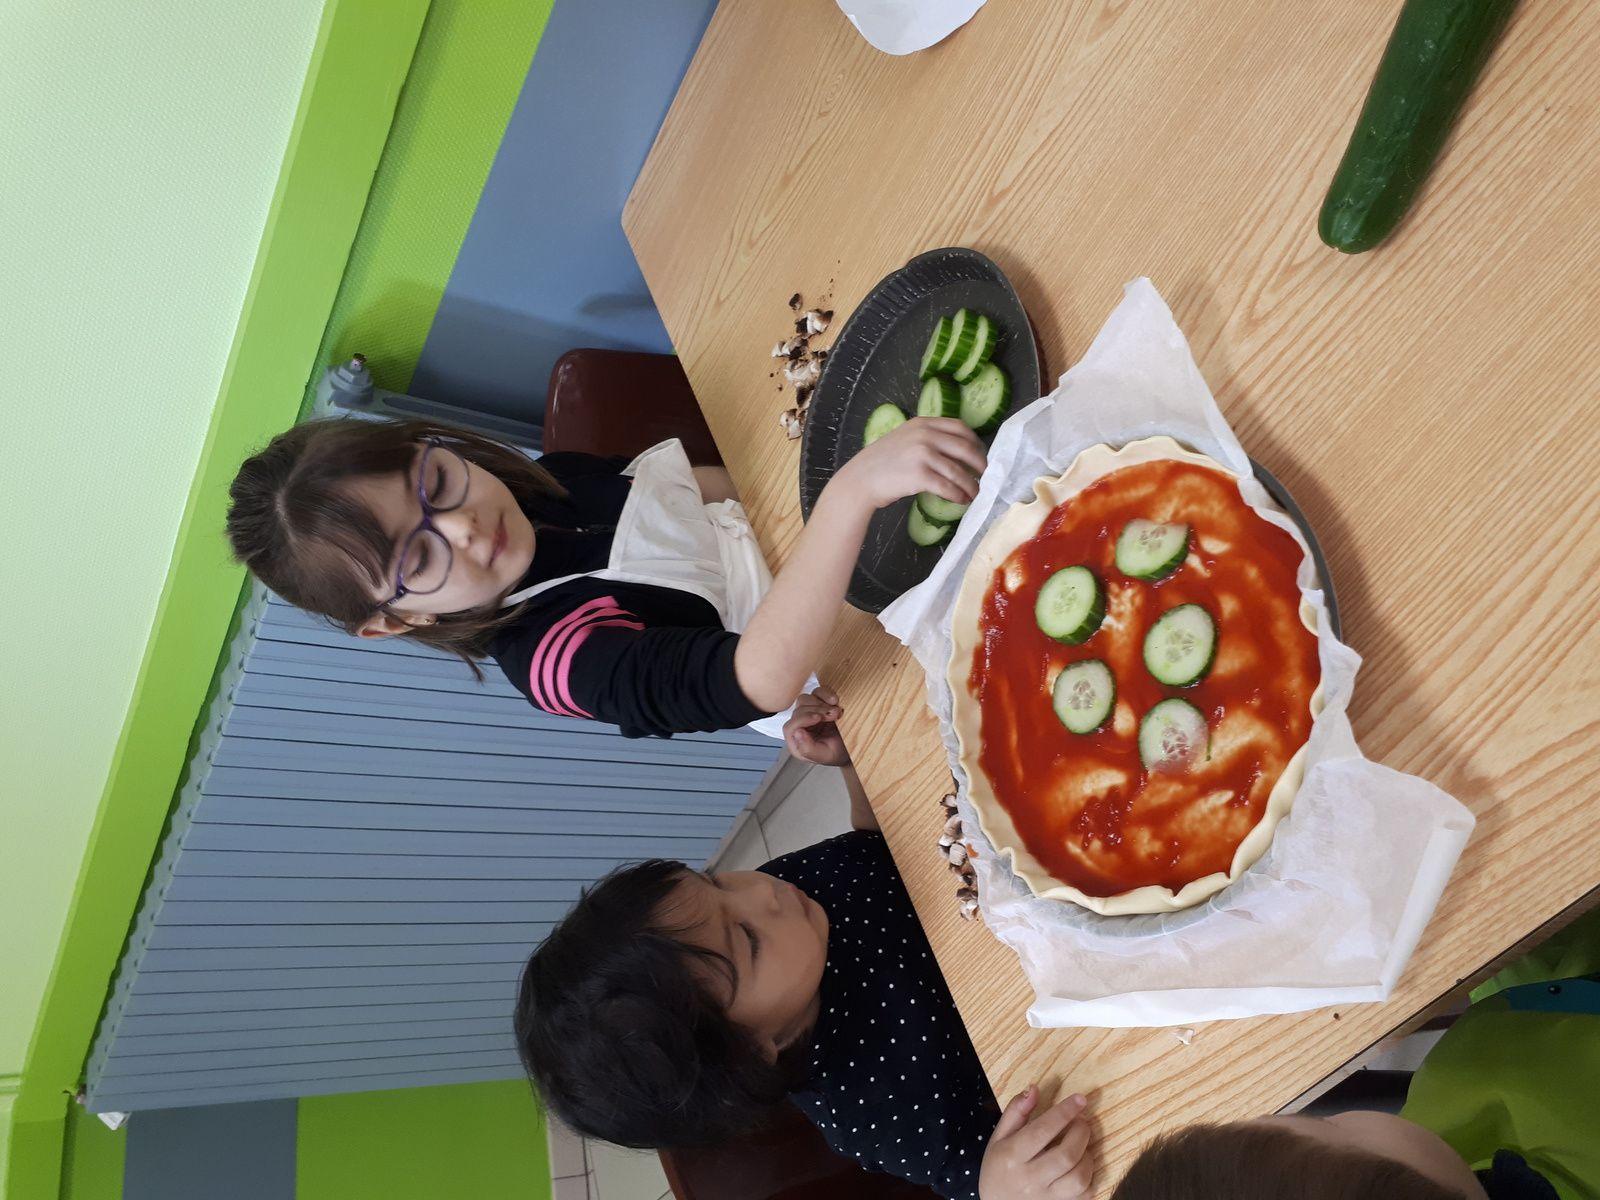 réalisation des pizzas